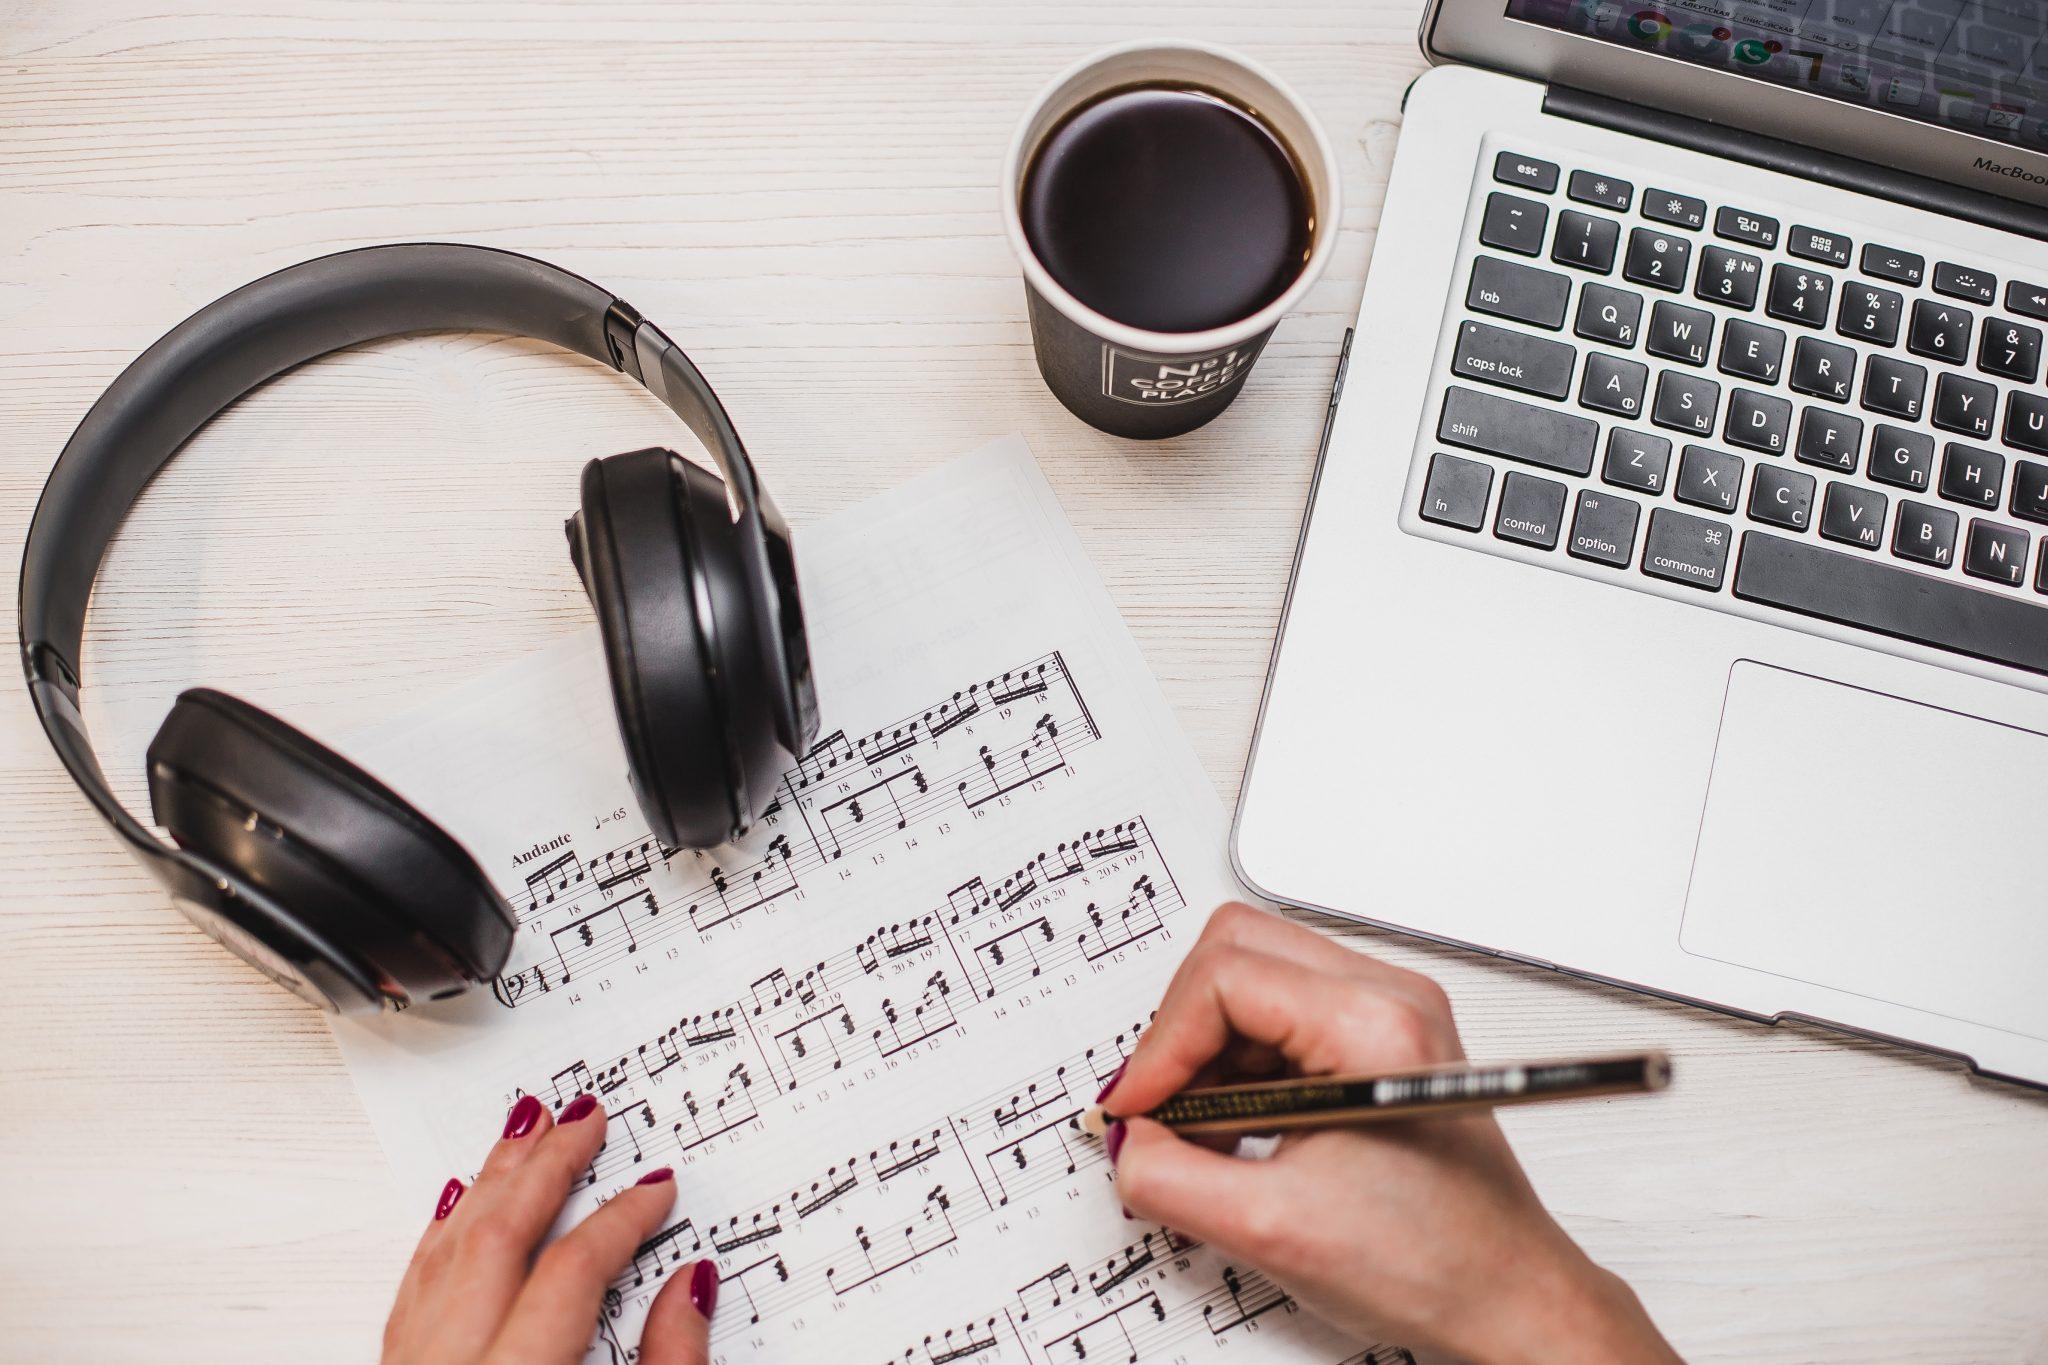 La strategia per creare variazioni melodiche nel Beat